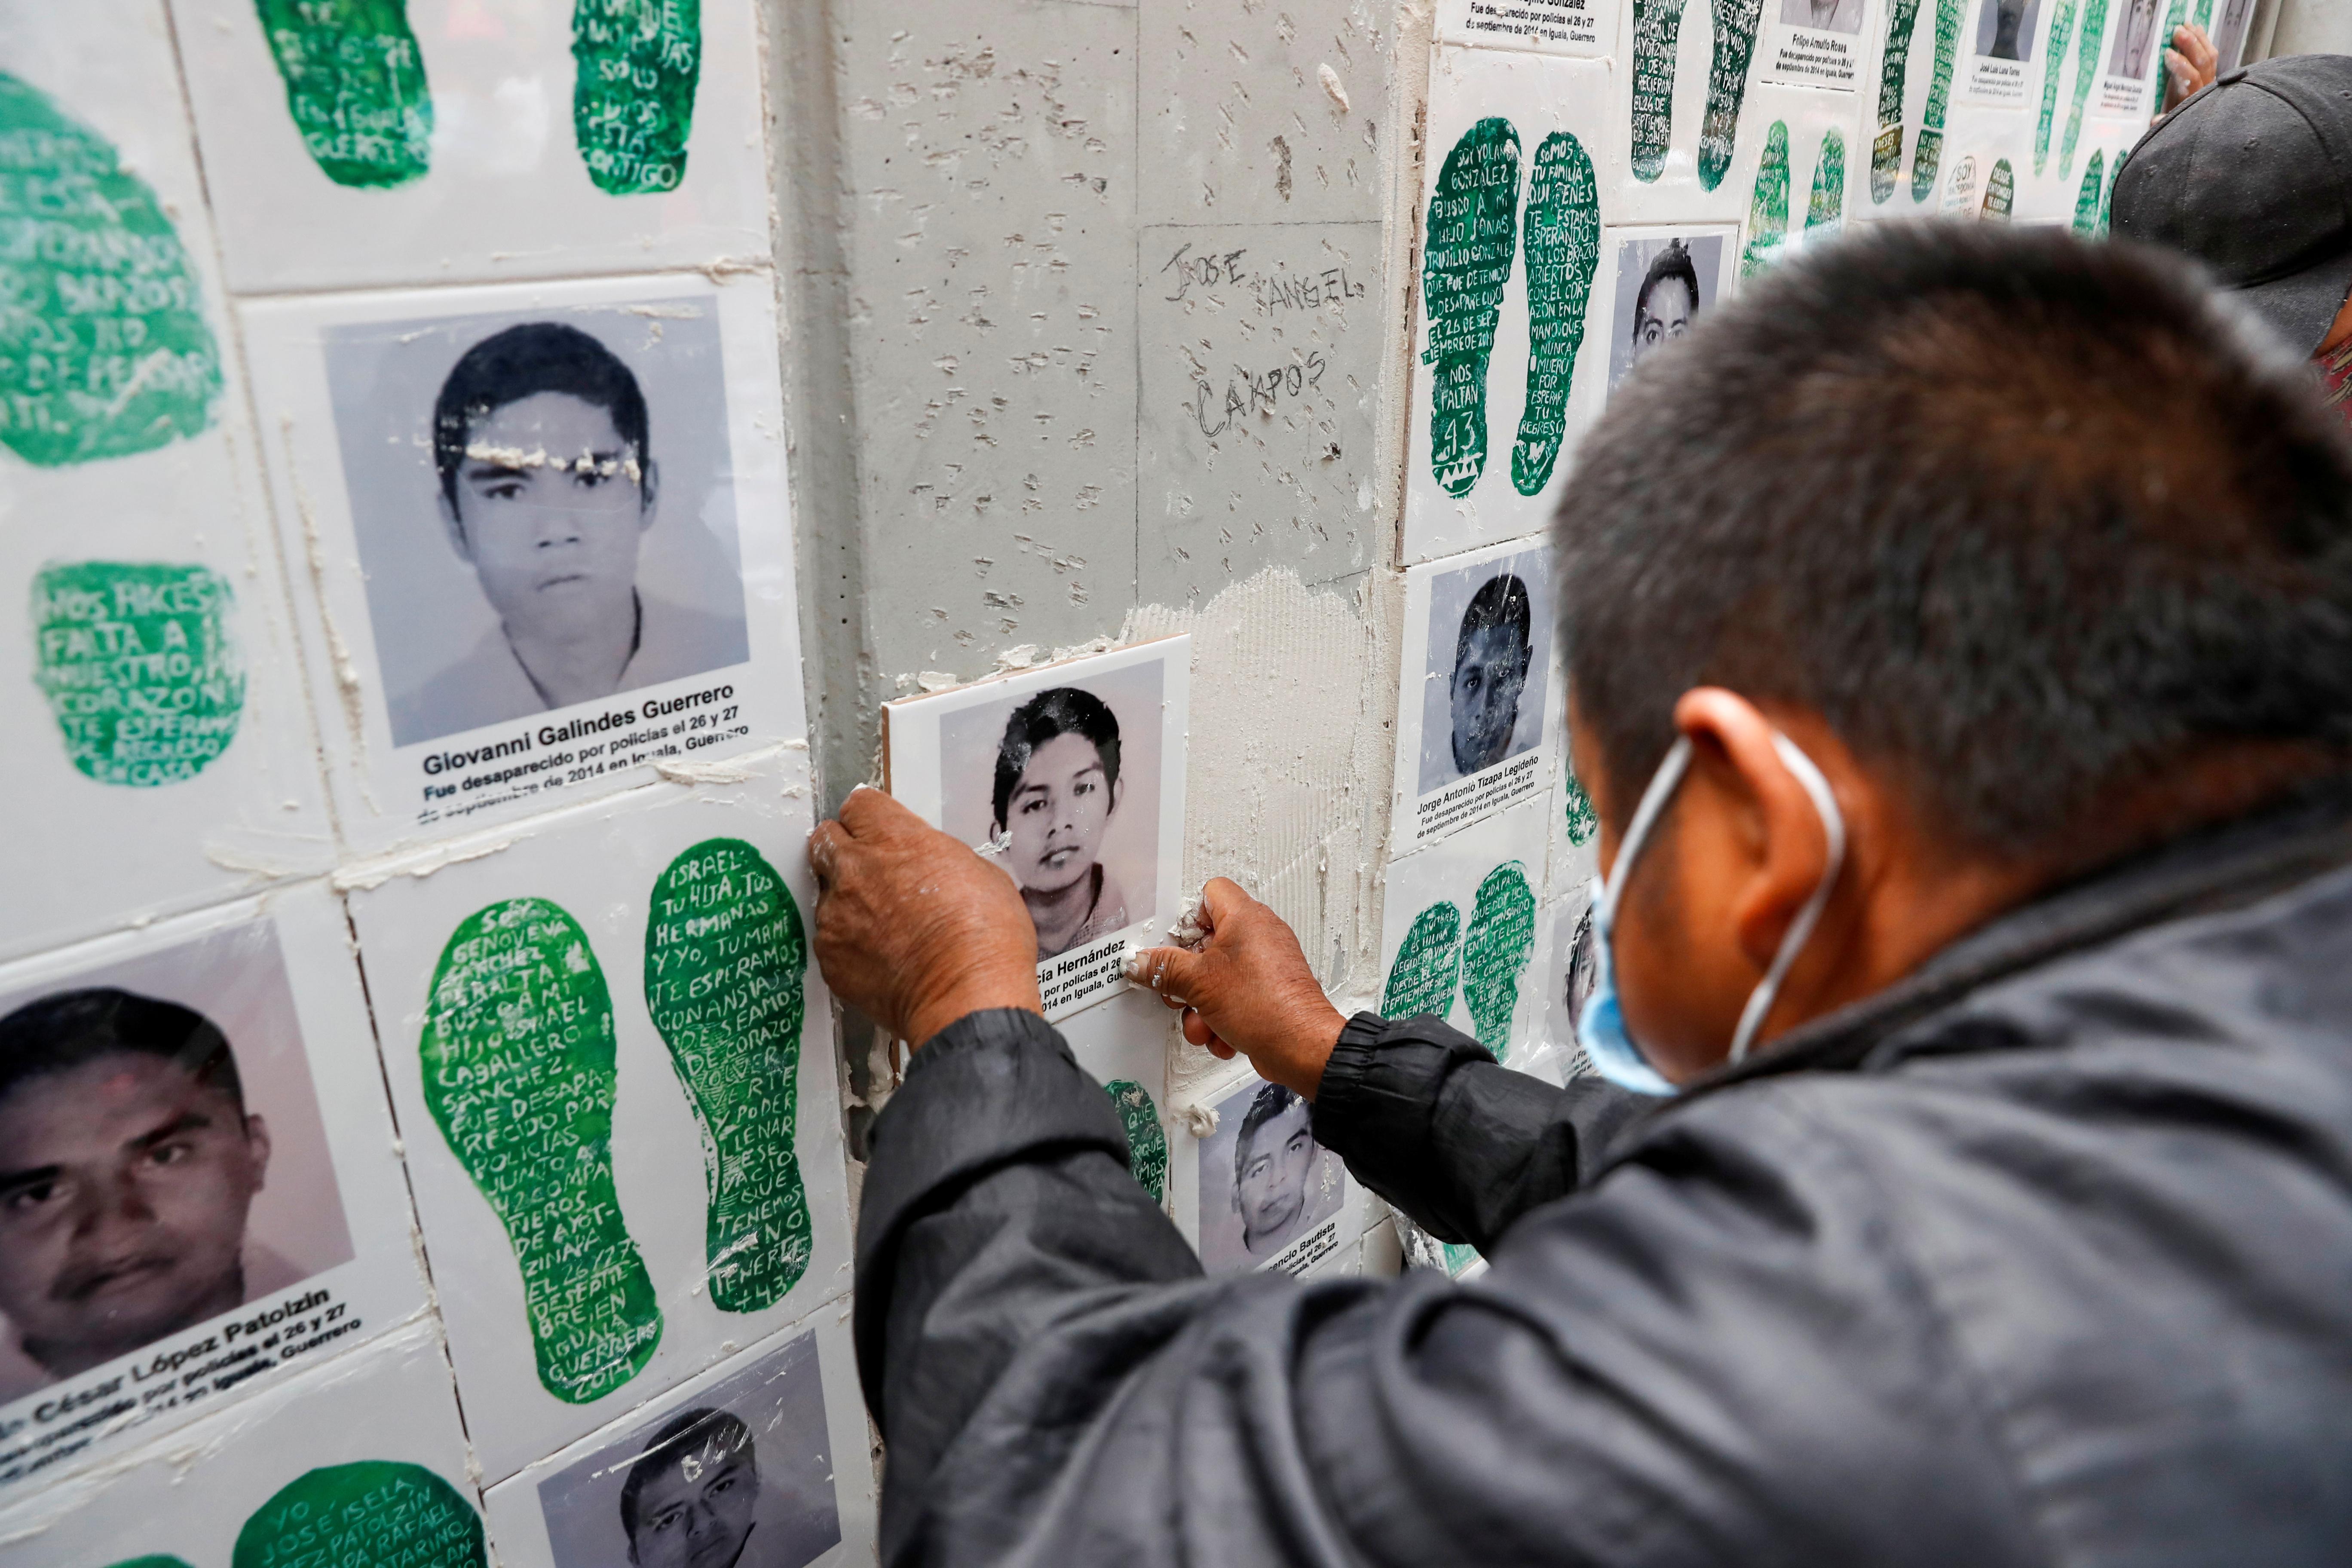 Un familiar de un estudiante desaparecido coloca una cerámica con su imagen en una pared durante una protesta frente a la Fiscalía General, antes del sexto aniversario de la desaparición de 43 estudiantes de la Escuela Normal Rural de Ayotzinapa, en la Ciudad de México, México el 25 de septiembre de 2020.